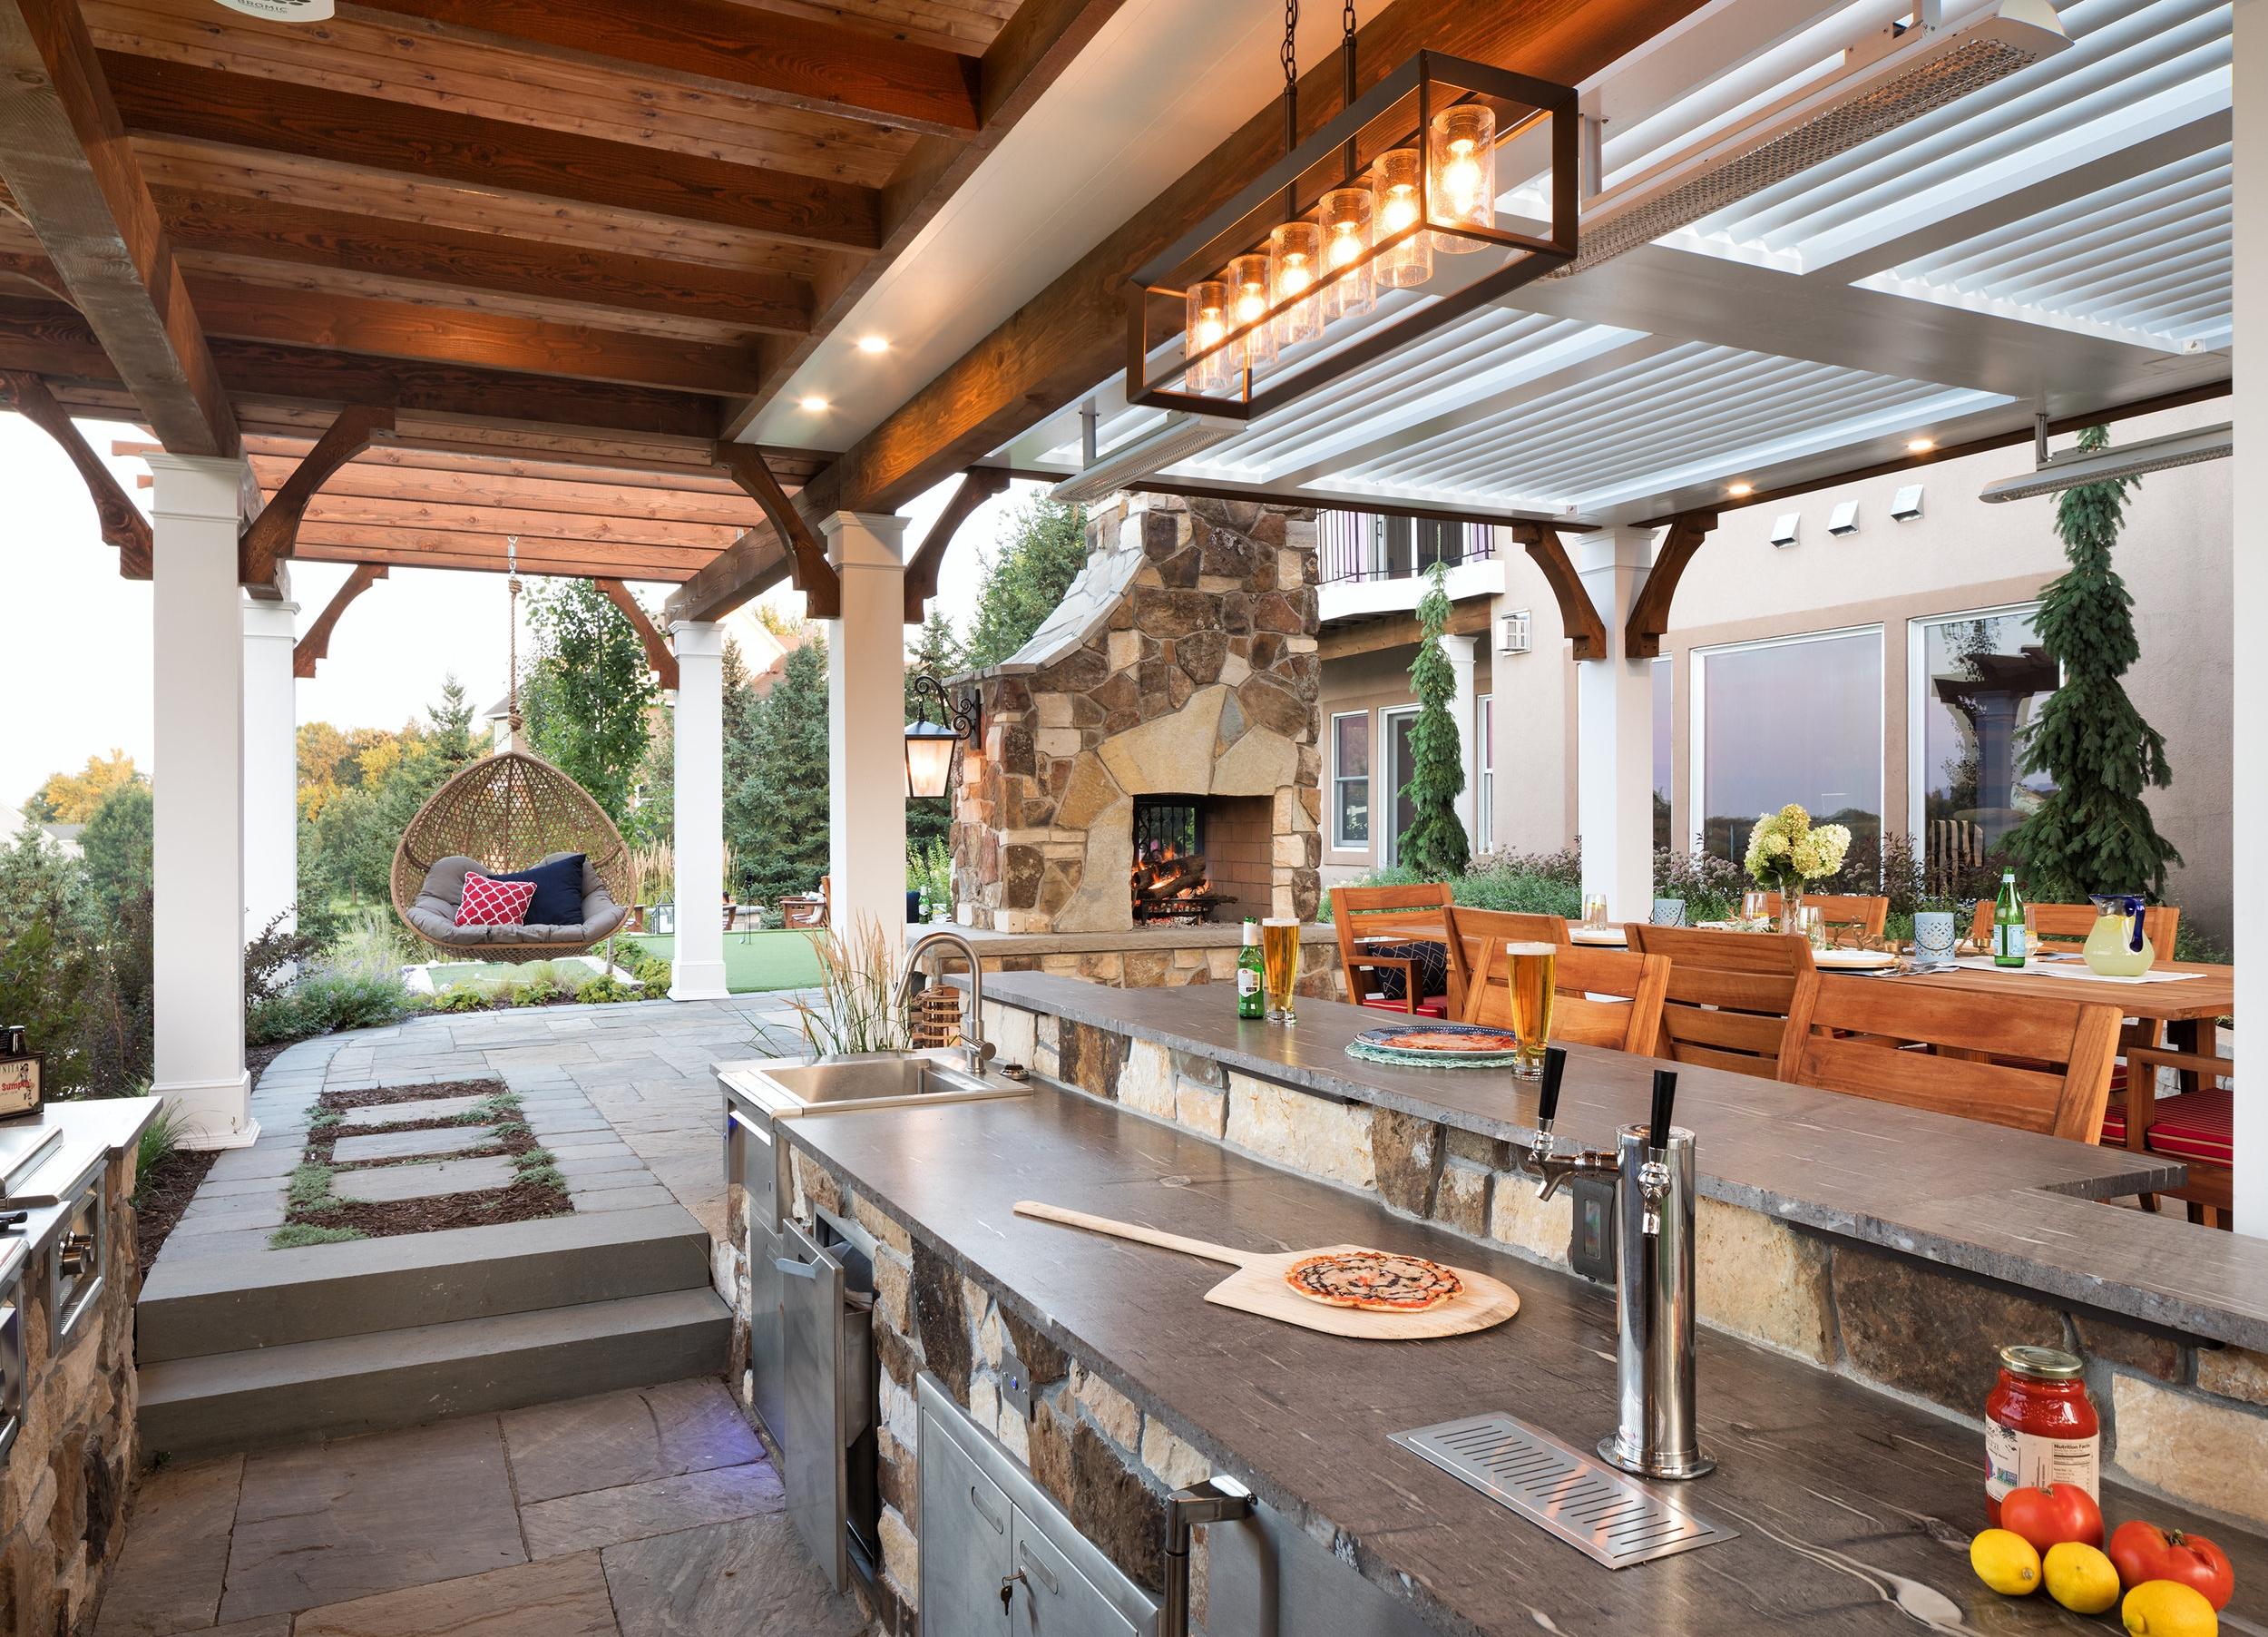 Mom's Design Build - Outdoor Kitchen Grill Fridge Sink